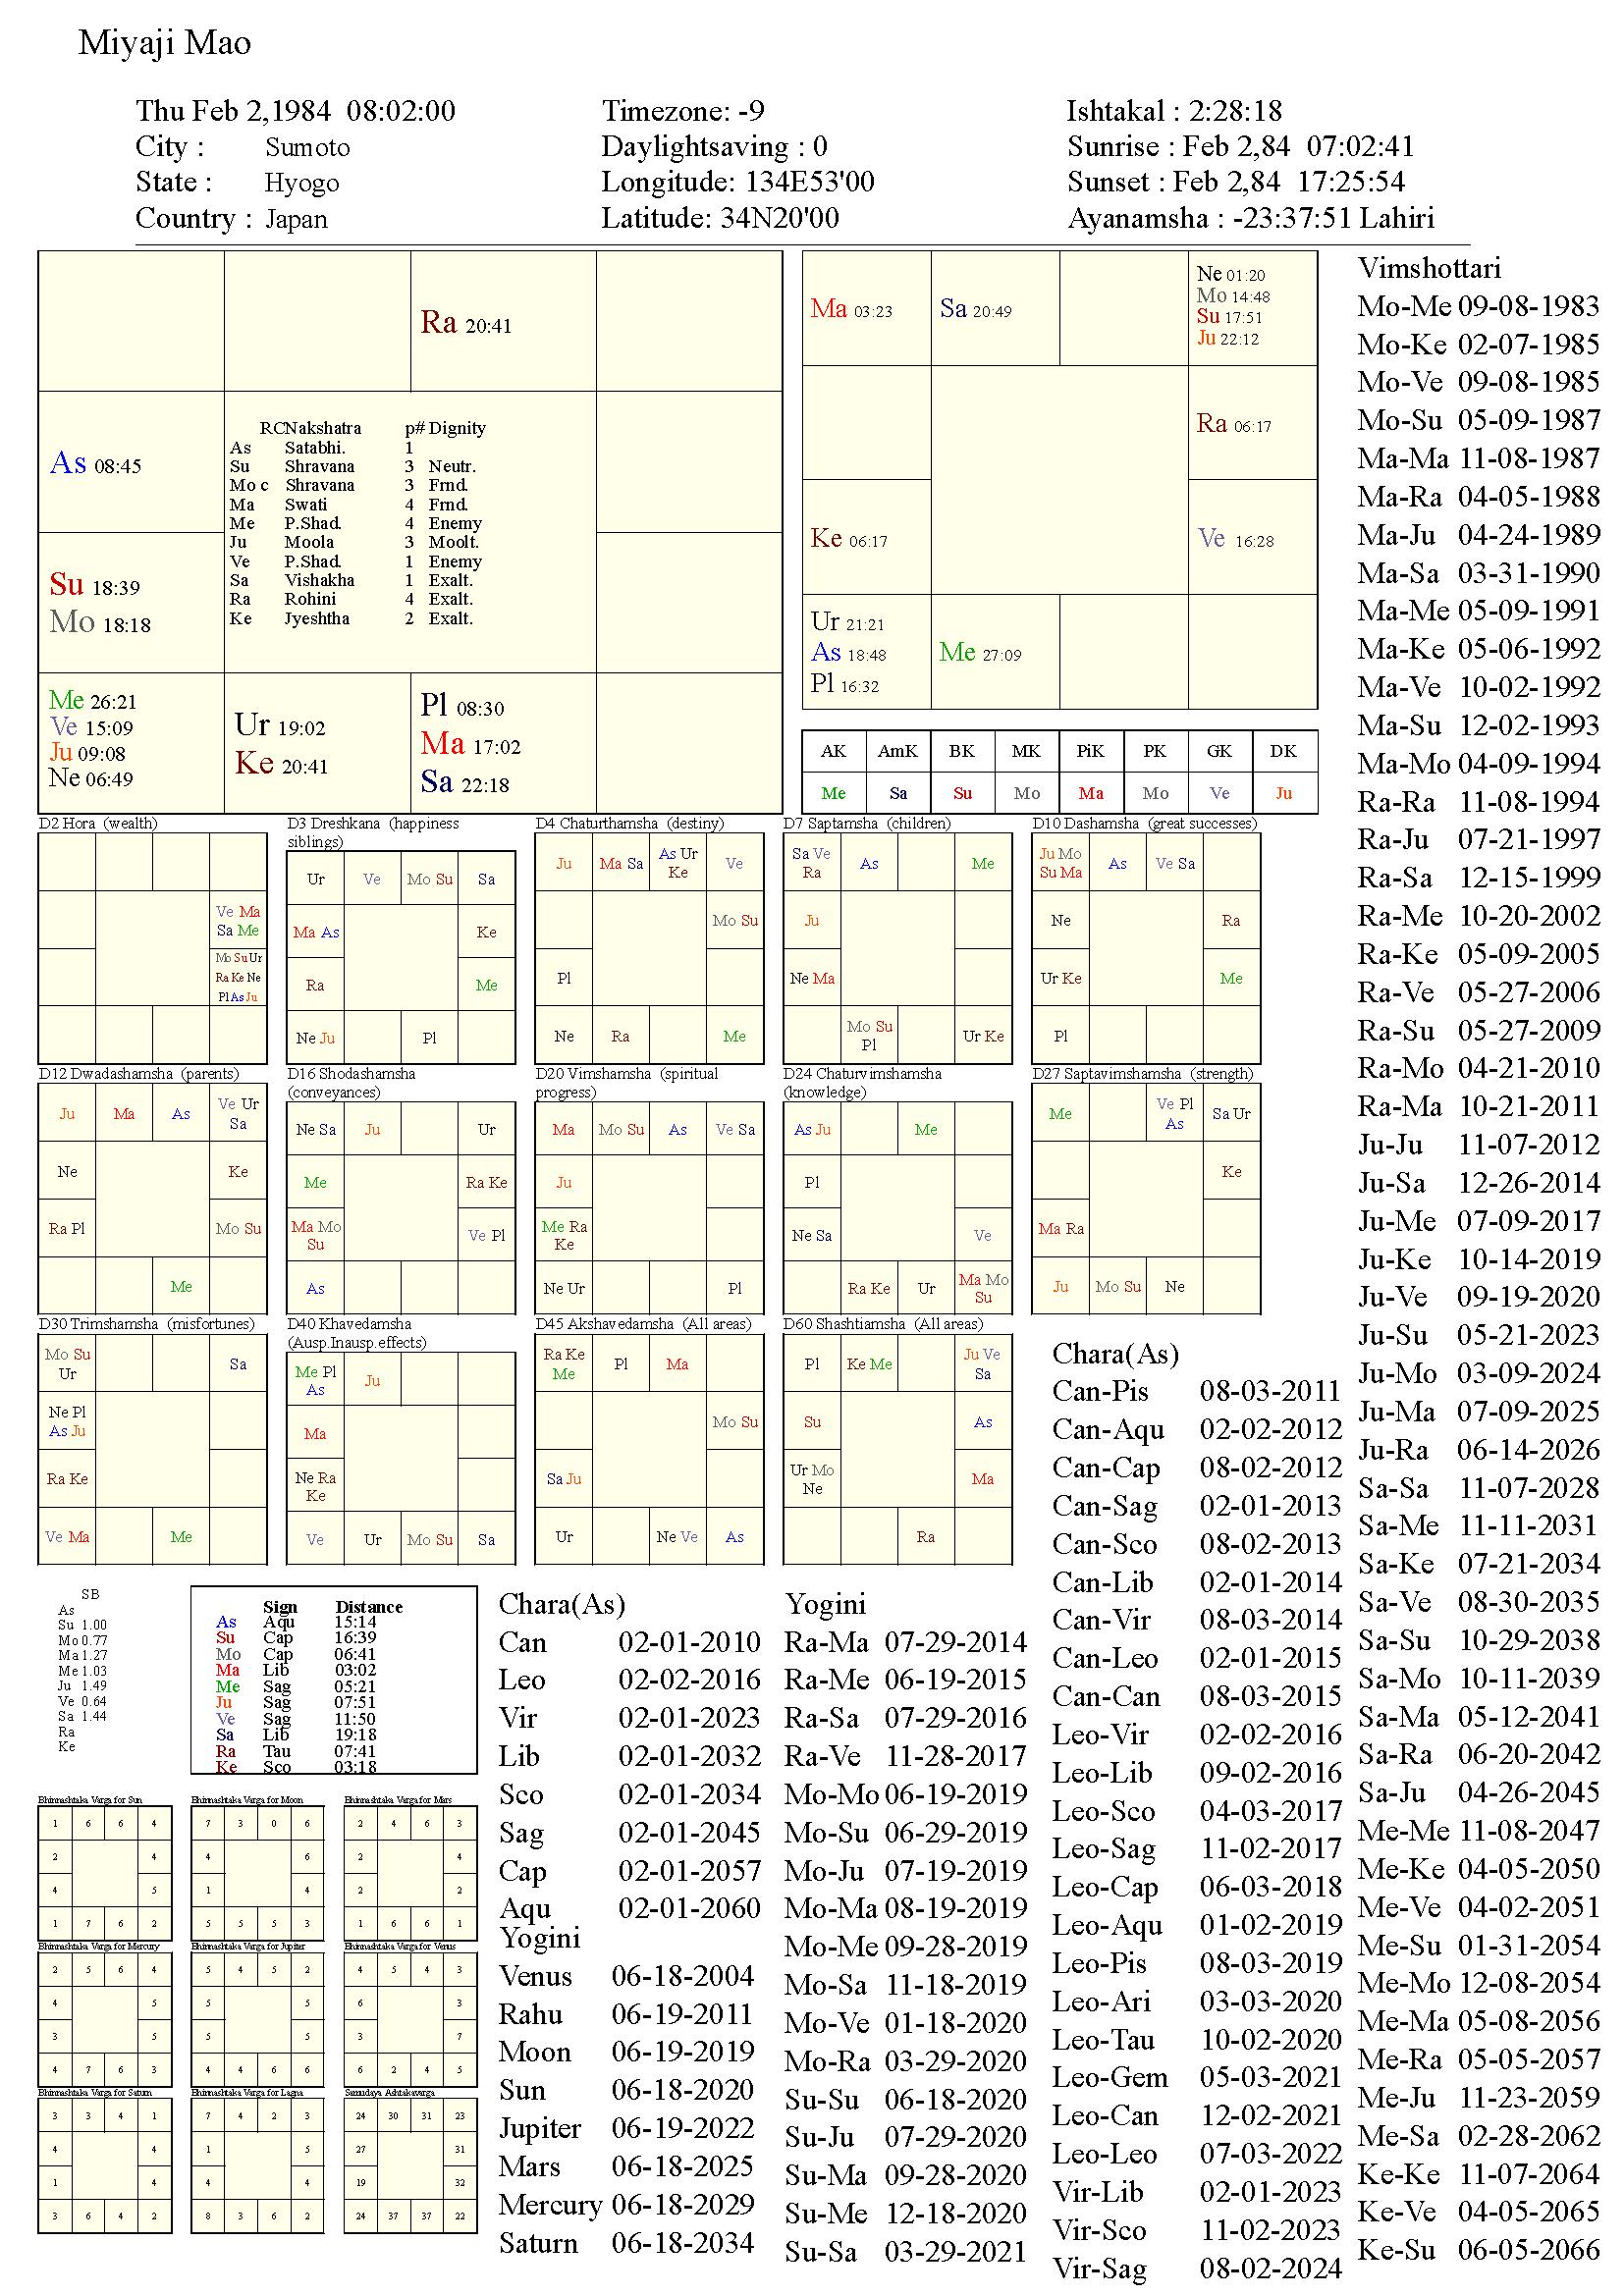 miyajimao_chart